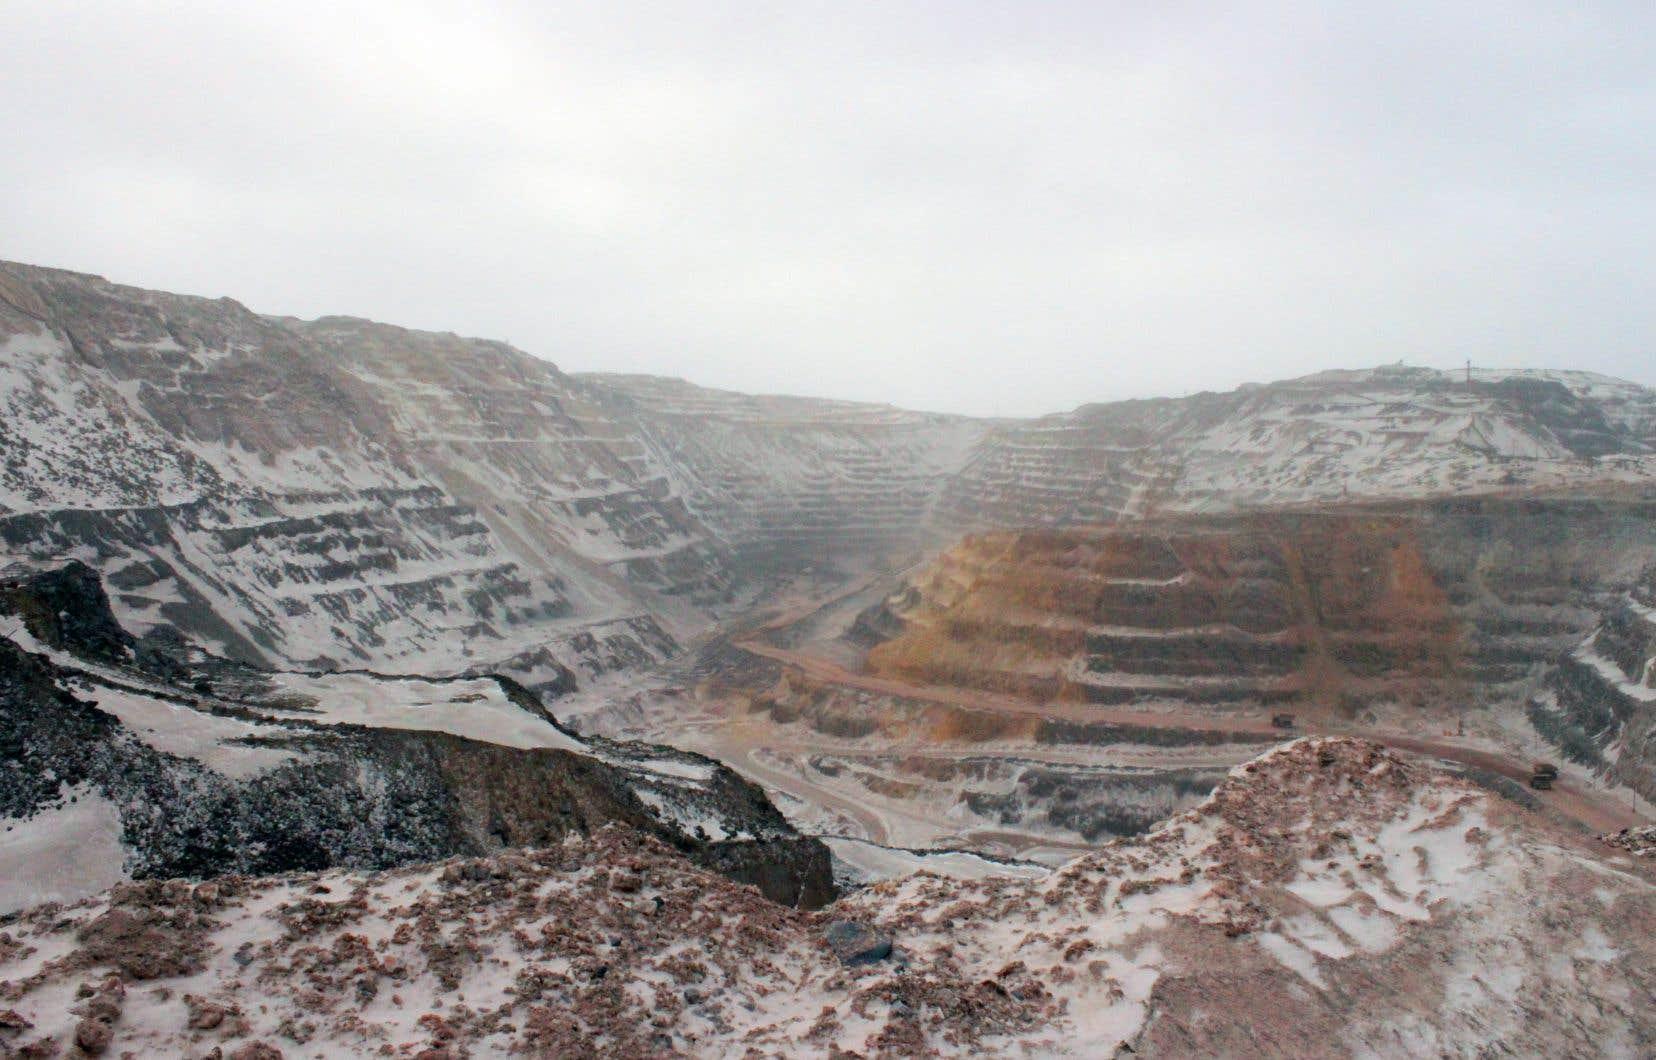 ArcelorMittalexploite déjà une mine près de Fermont, dont les différentes fosses devraient à terme atteindre une superficie totale de 11,3 kilomètres carrés.